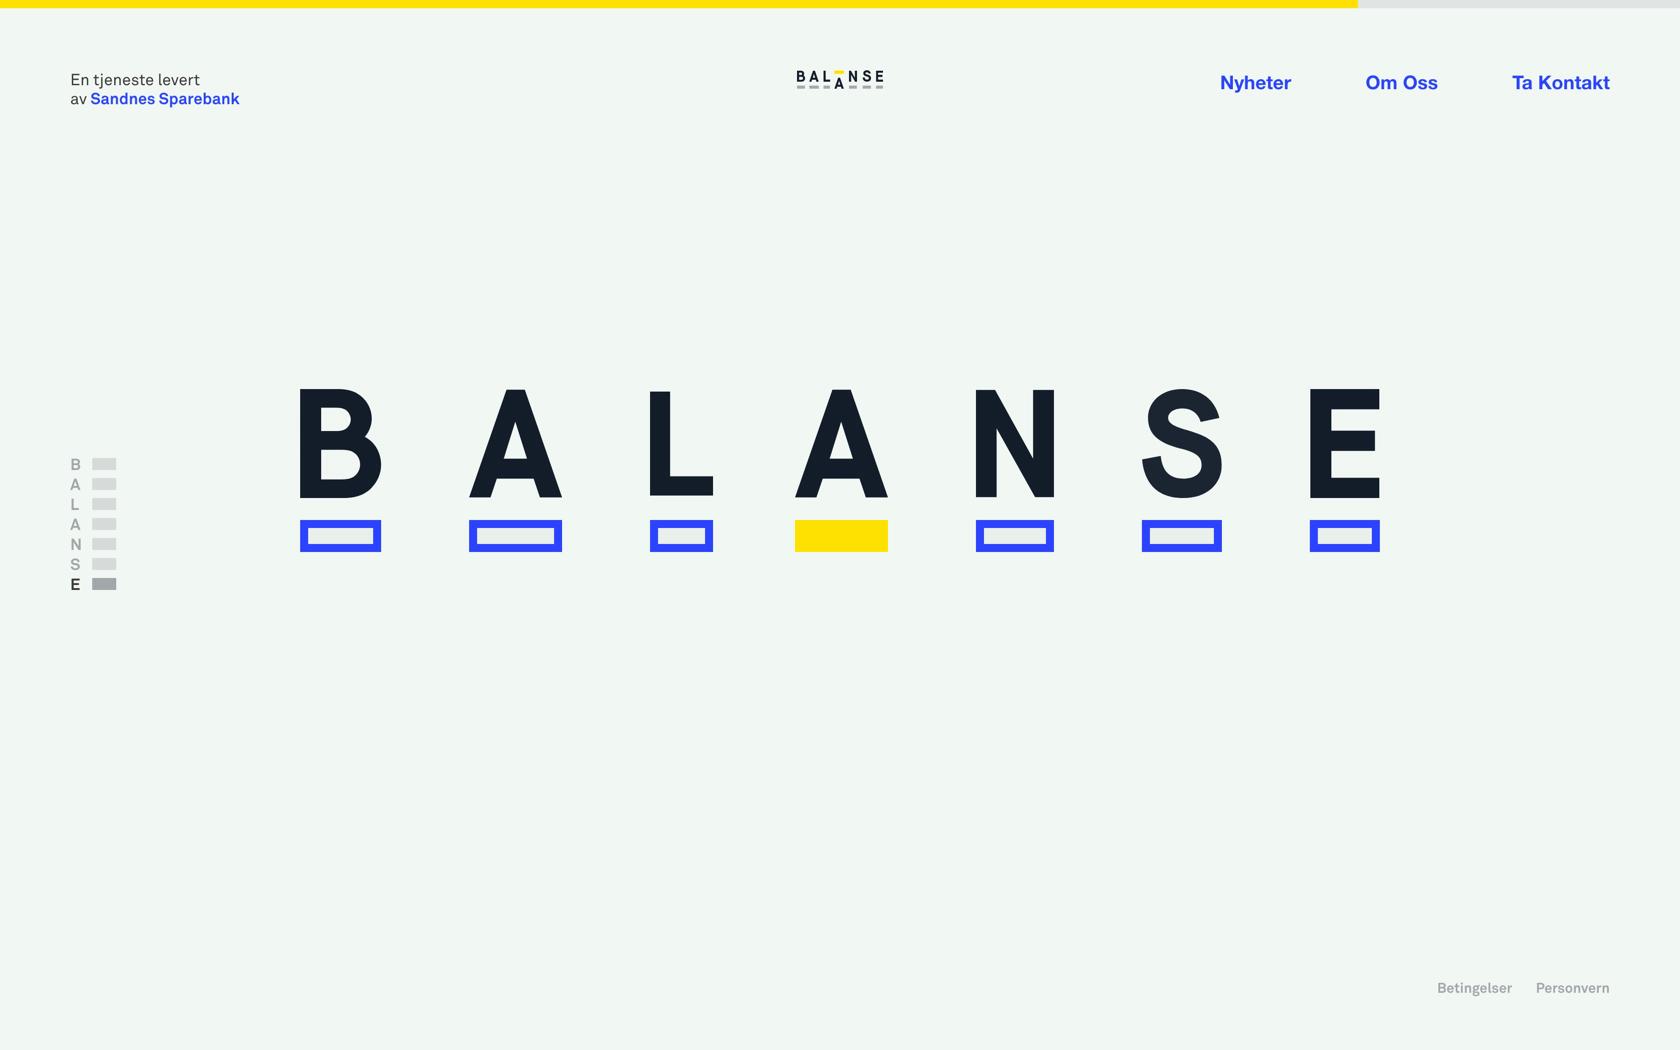 Balansebank 08